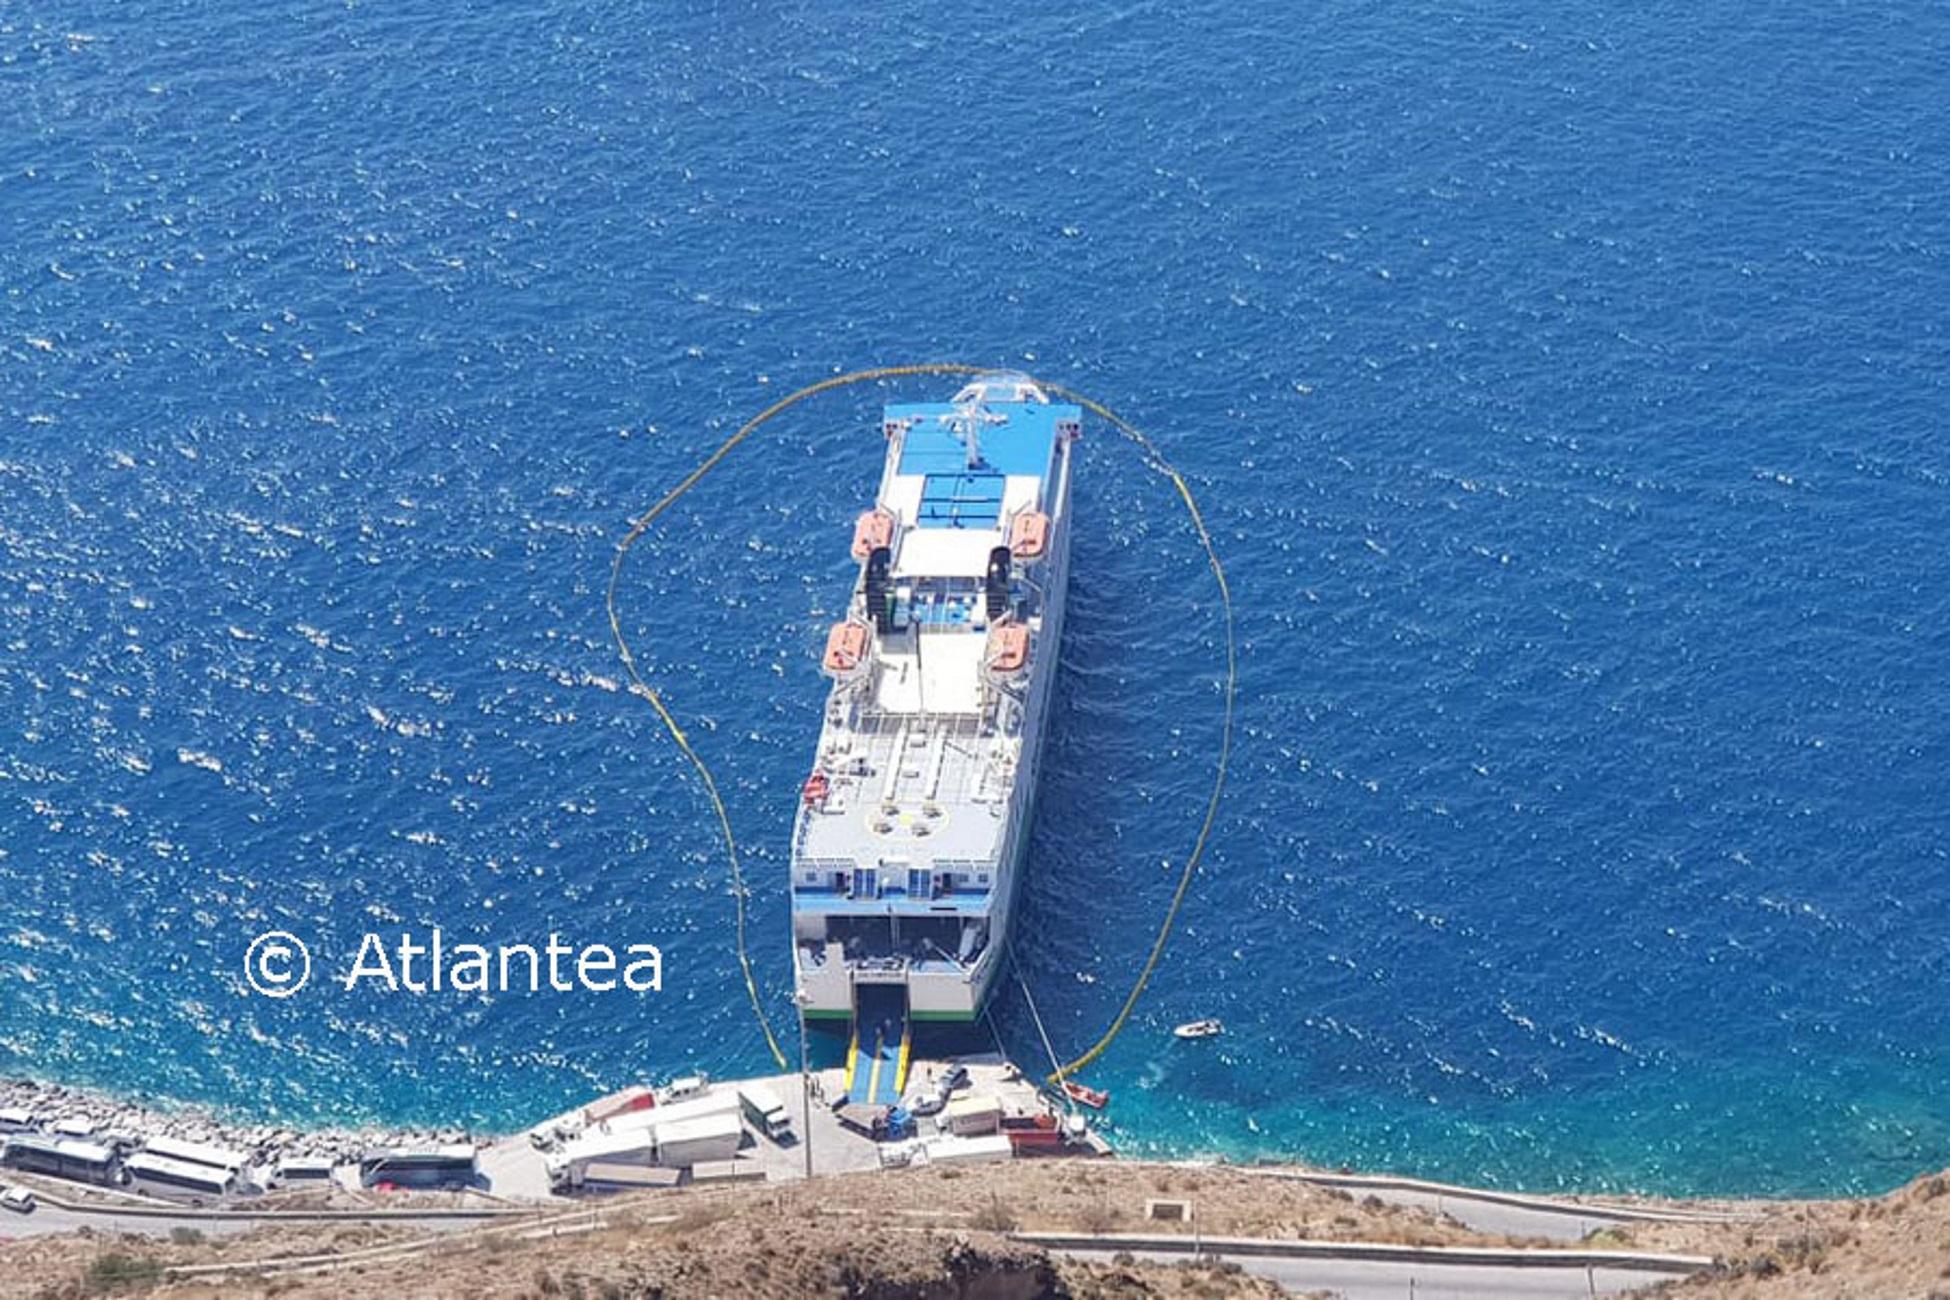 """Σαντορίνη: Αυτό είναι το πλοίο """"Olympus"""" που ακινητοποιήθηκε μετά από καταγγελία – Τι διαπίστωσαν οι δύτες [pics]"""